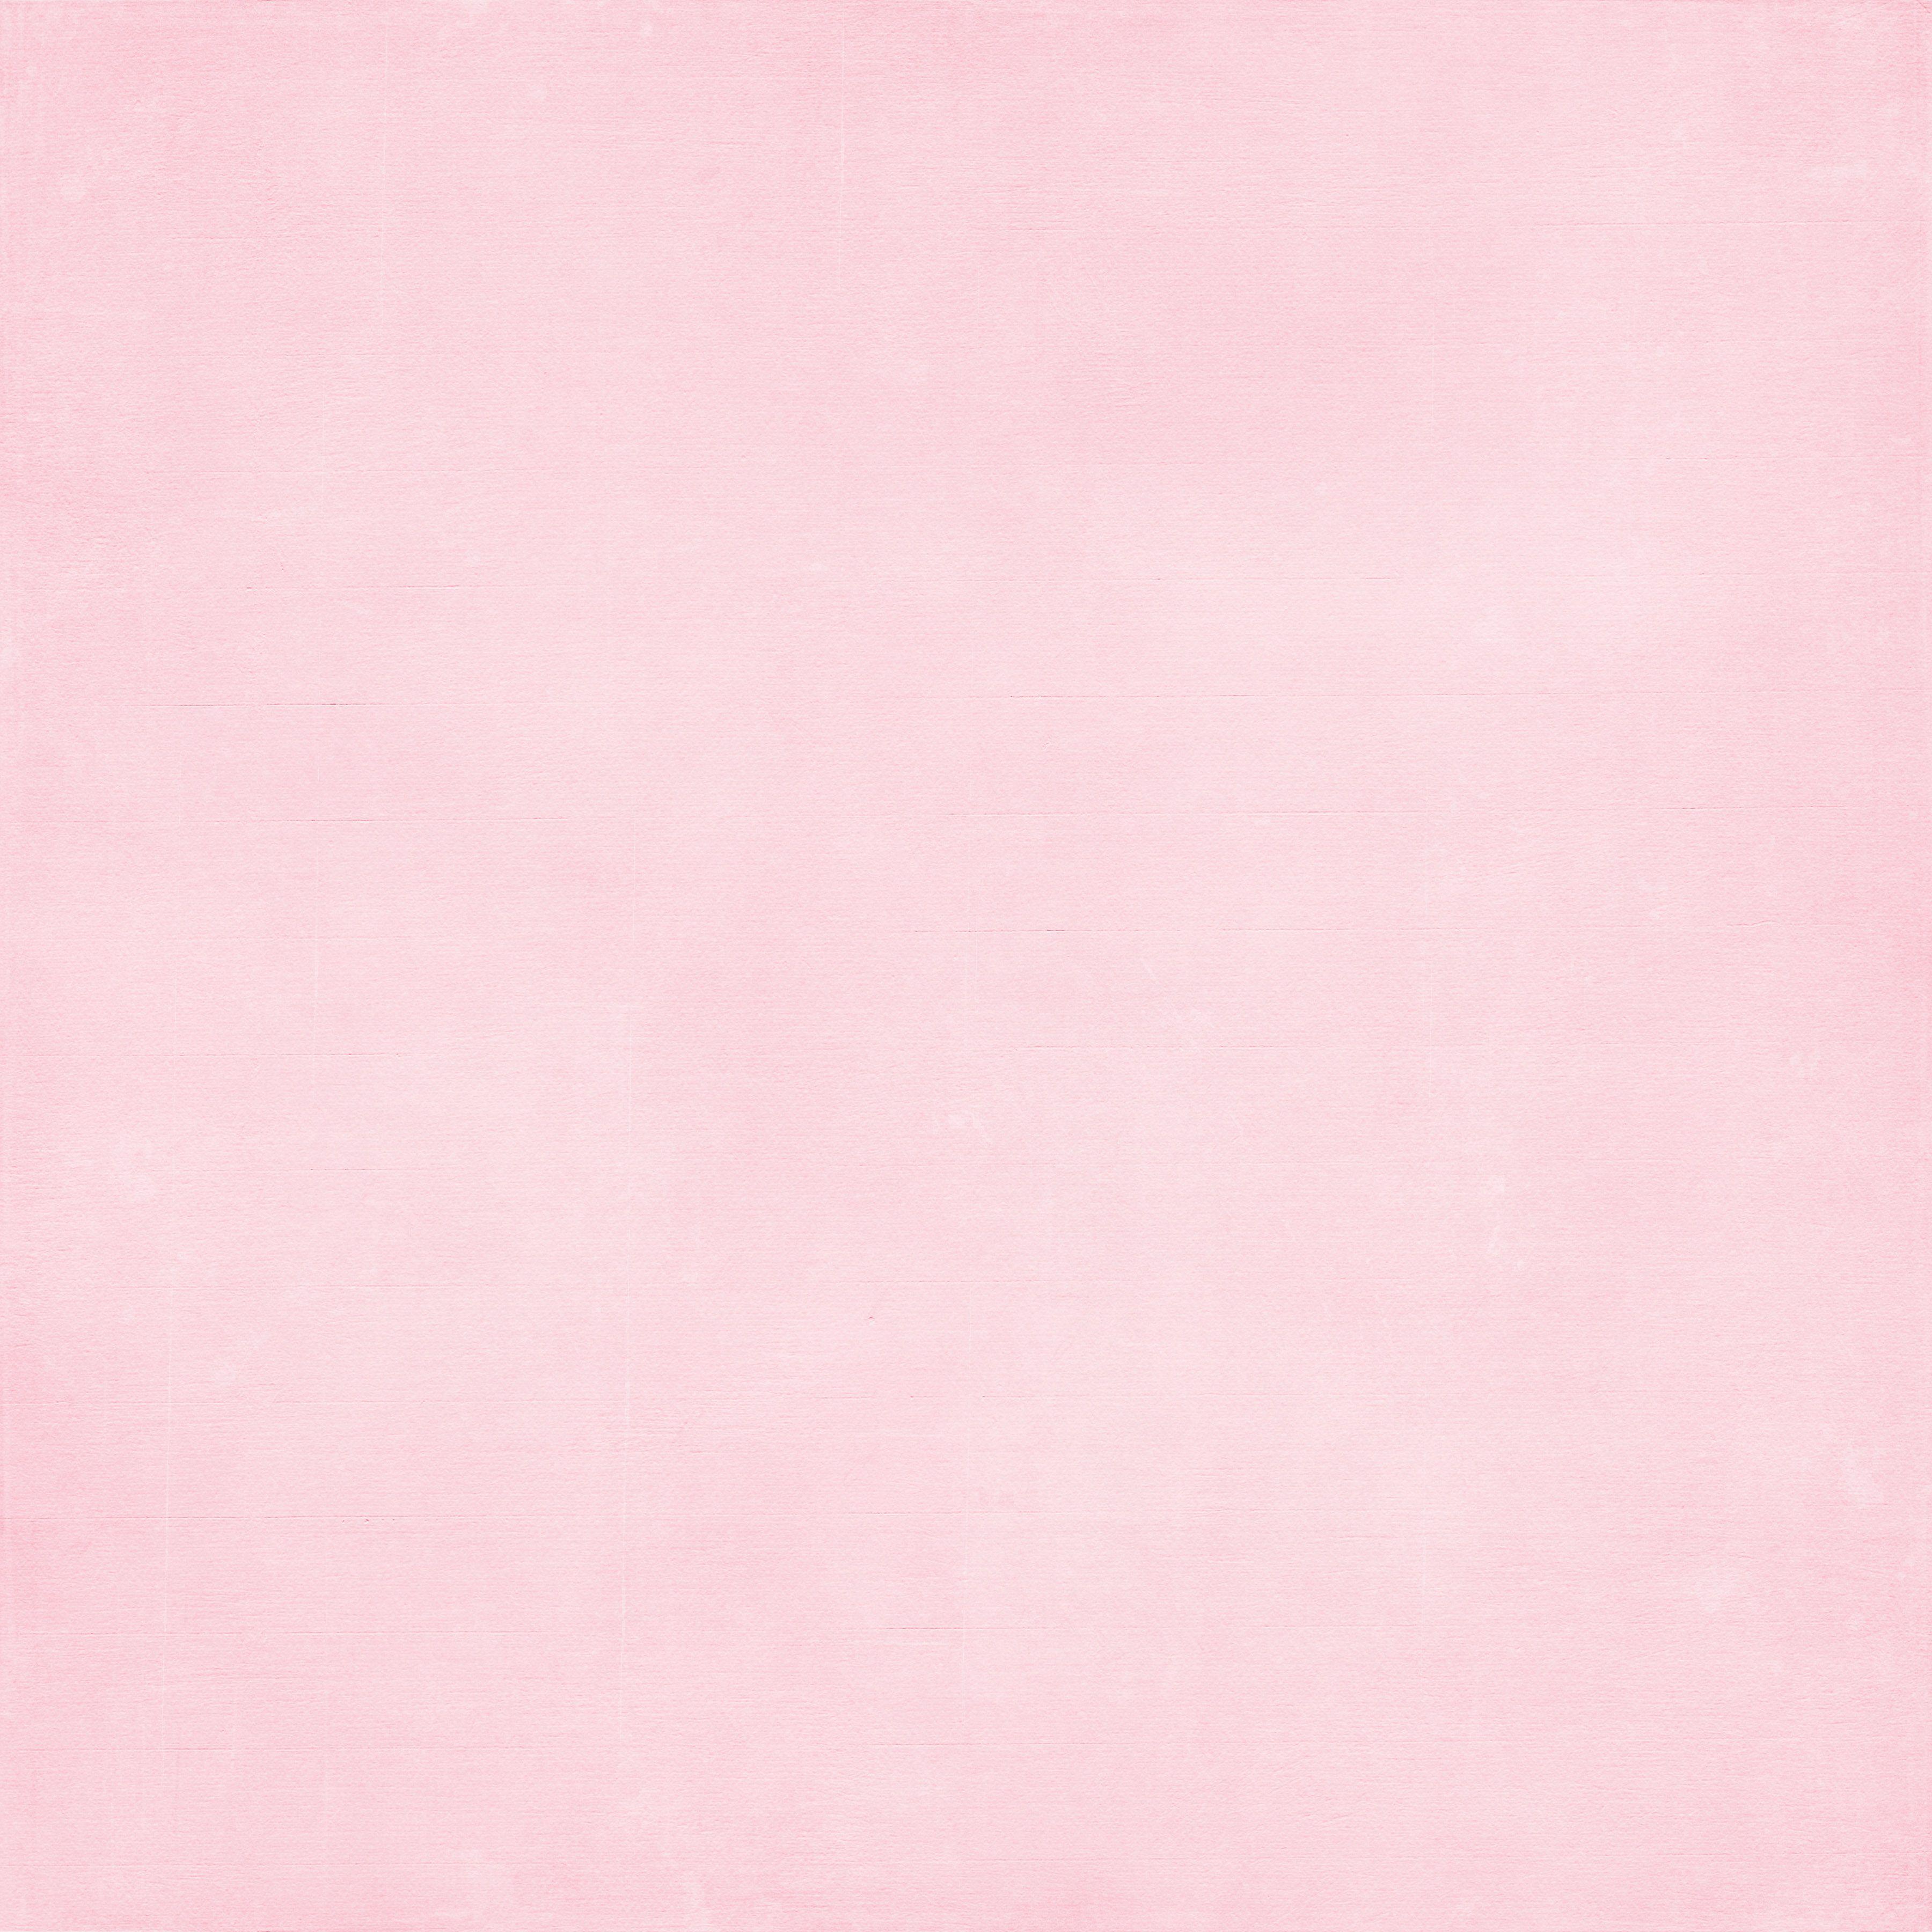 Rosa palo wallpapers pinterest rosas habitaci n - Habitacion rosa palo ...